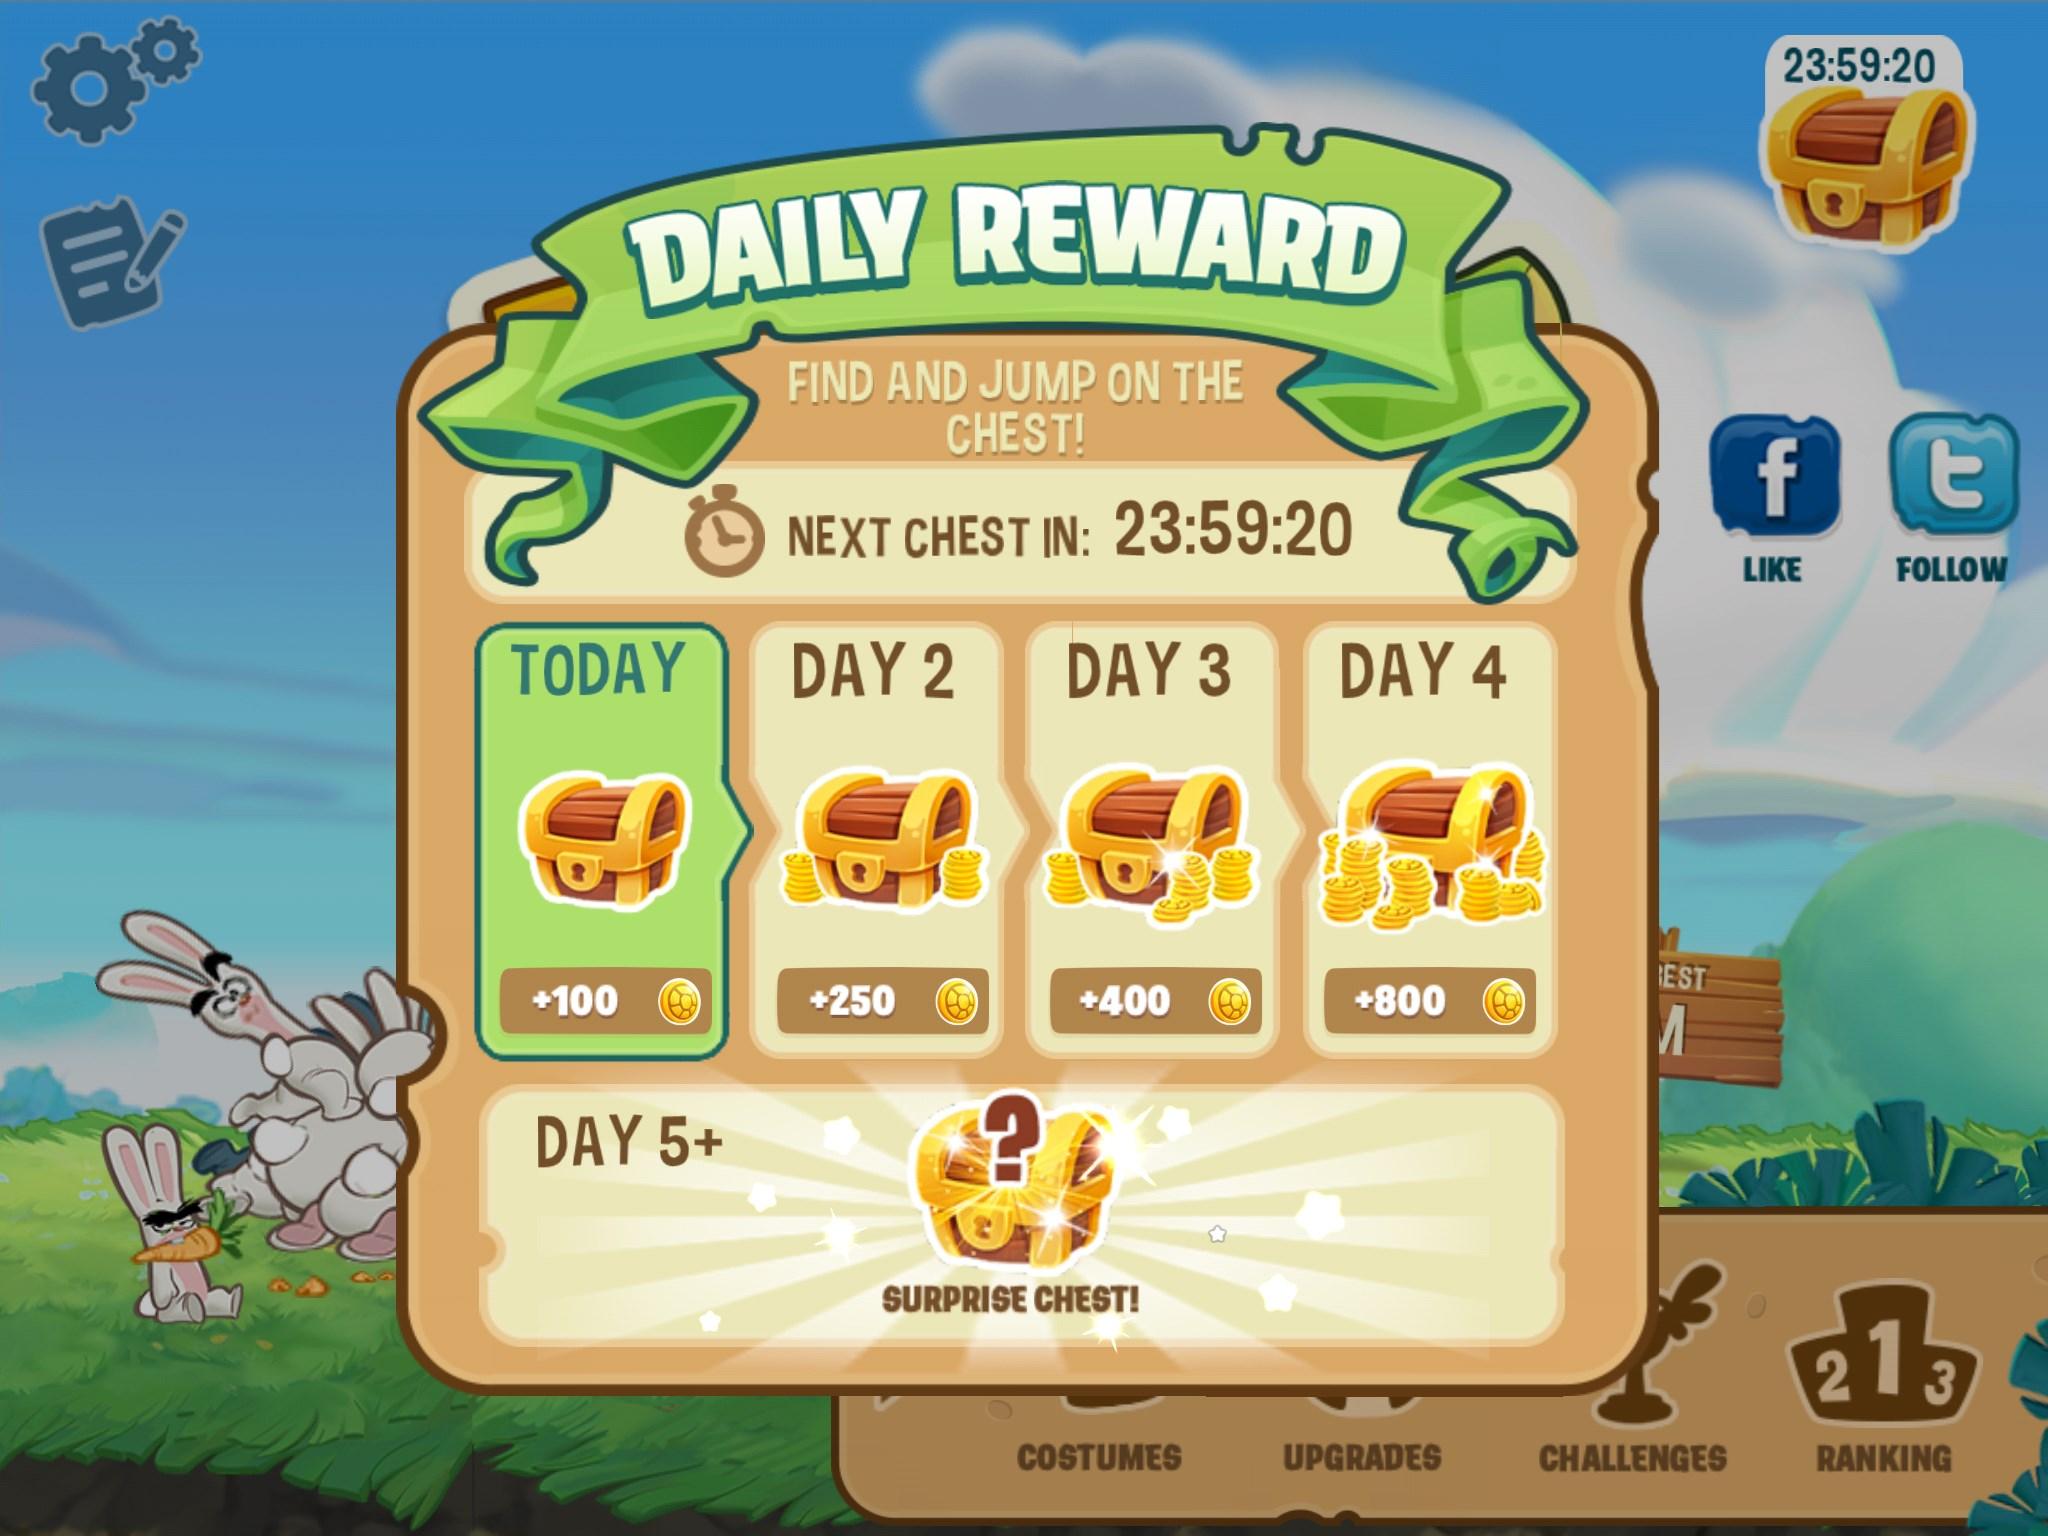 Daily rewards for mobile games | Toluna